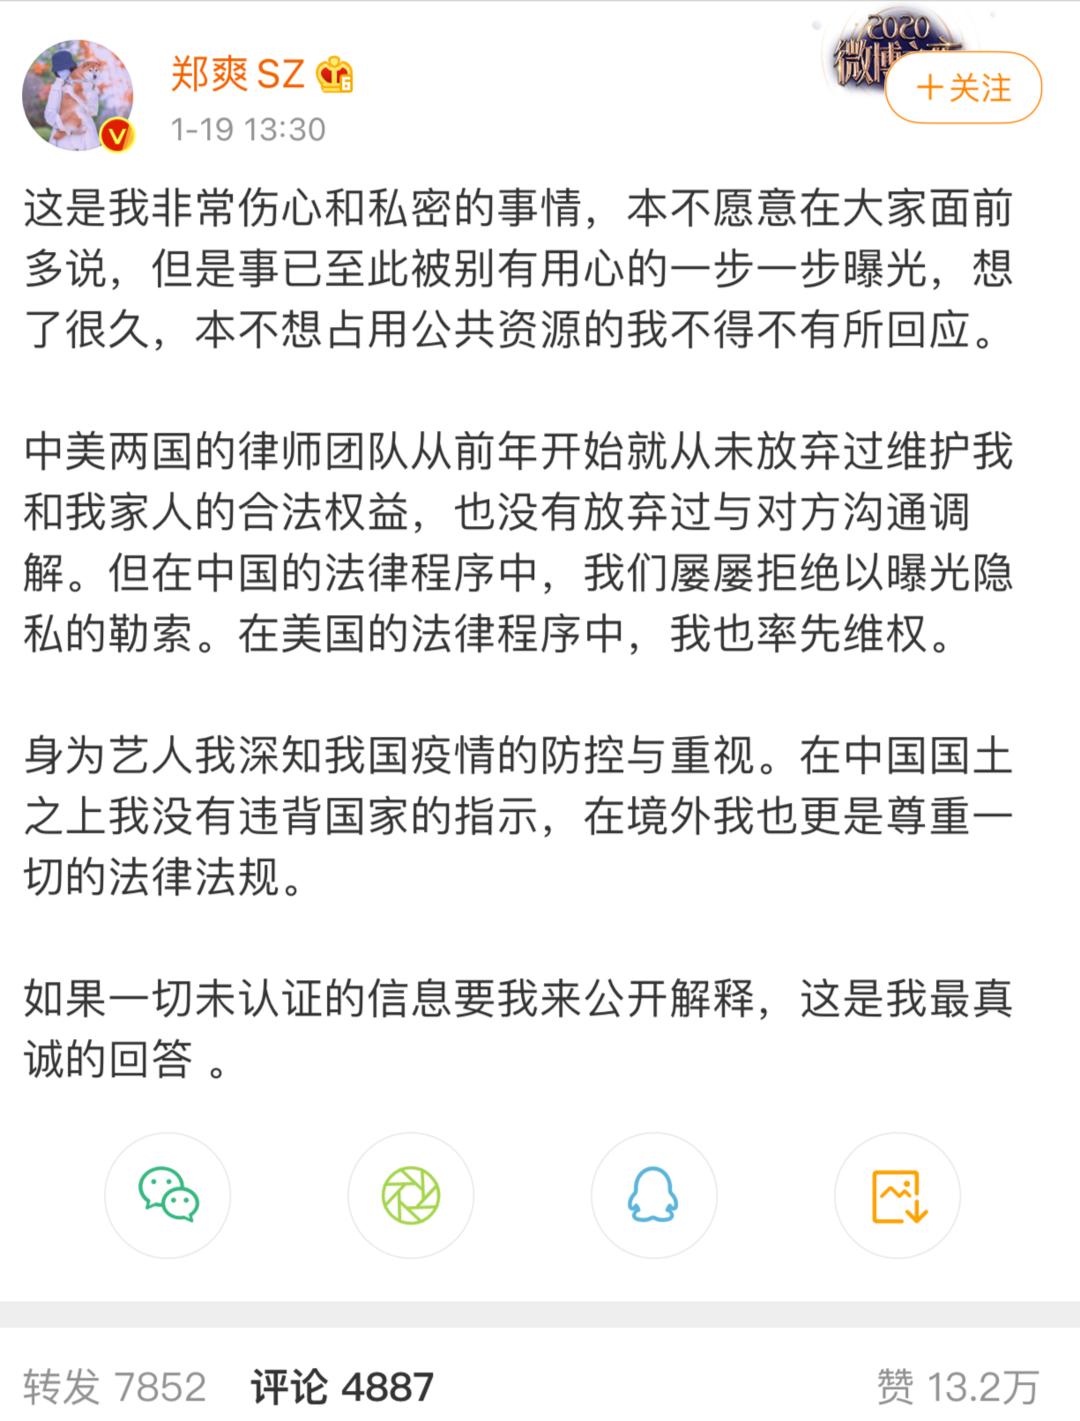 郑爽诉张恒案二审过程中张恒提供新证据上演现实版孕的供养如此疯狂!